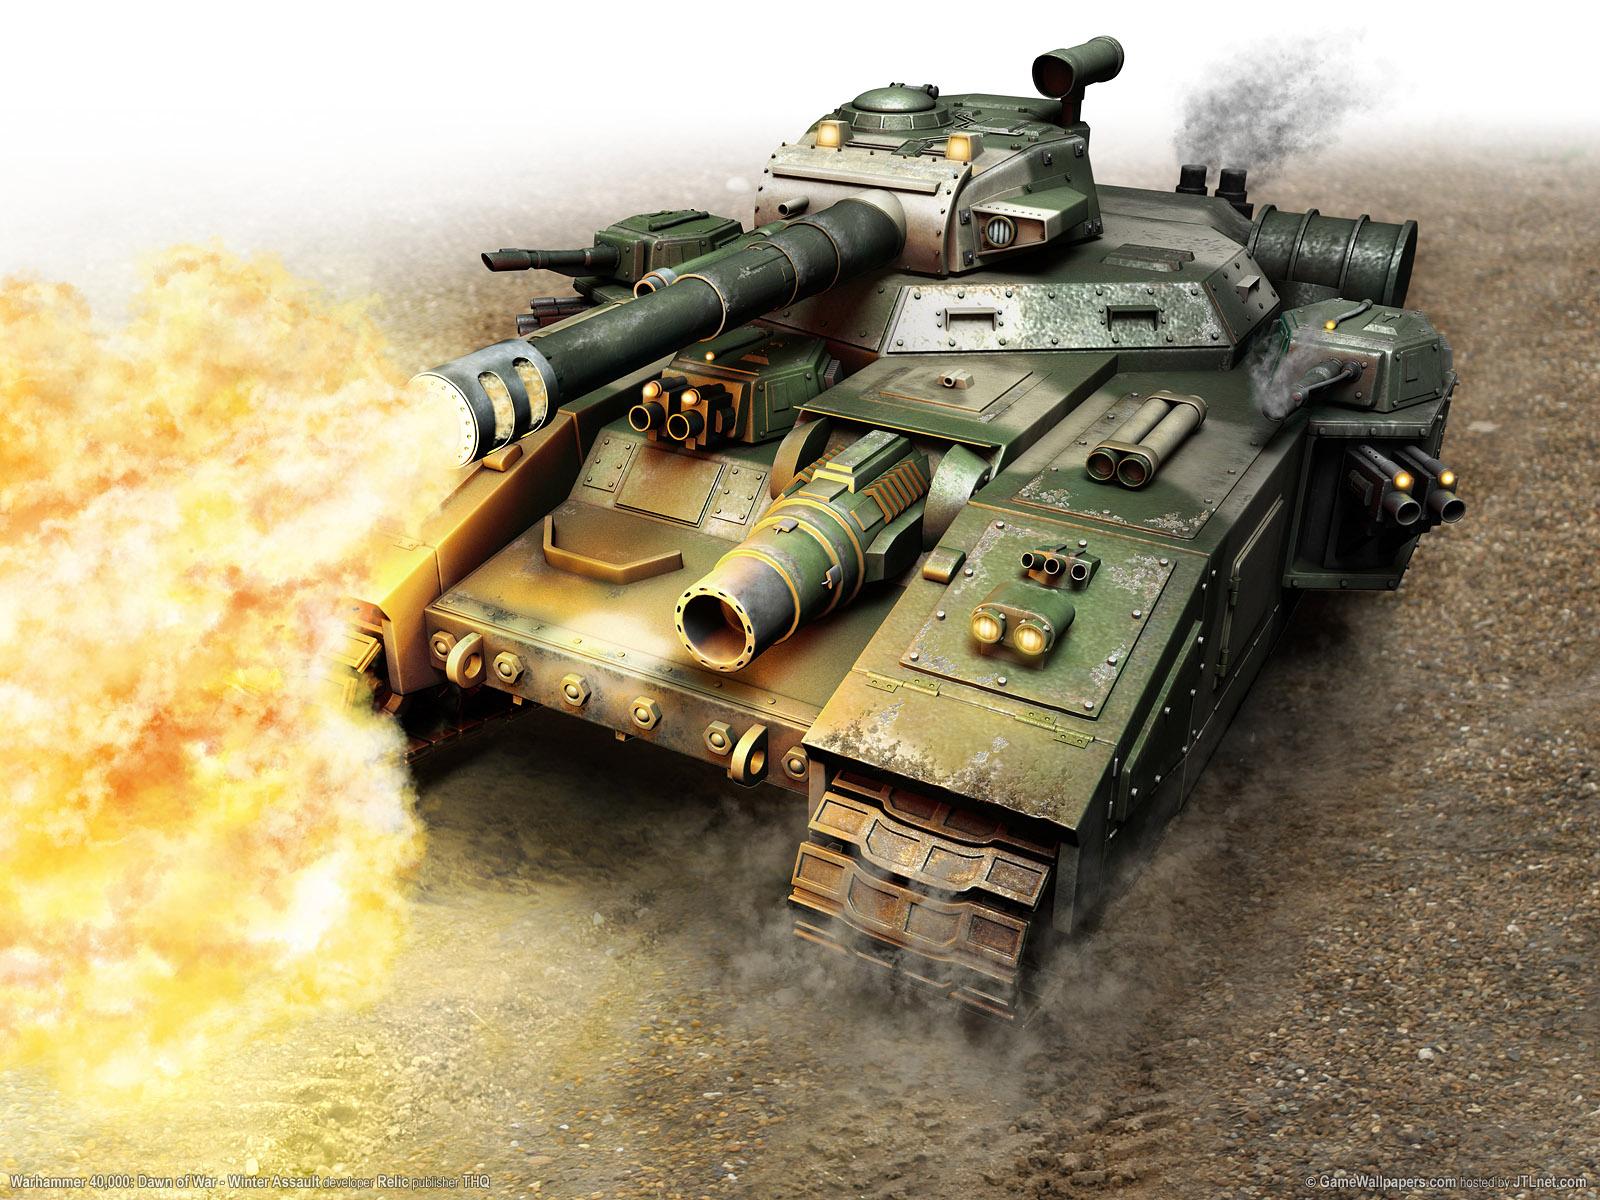 выстрел из танка, скачать обои для рабочего стола, танки